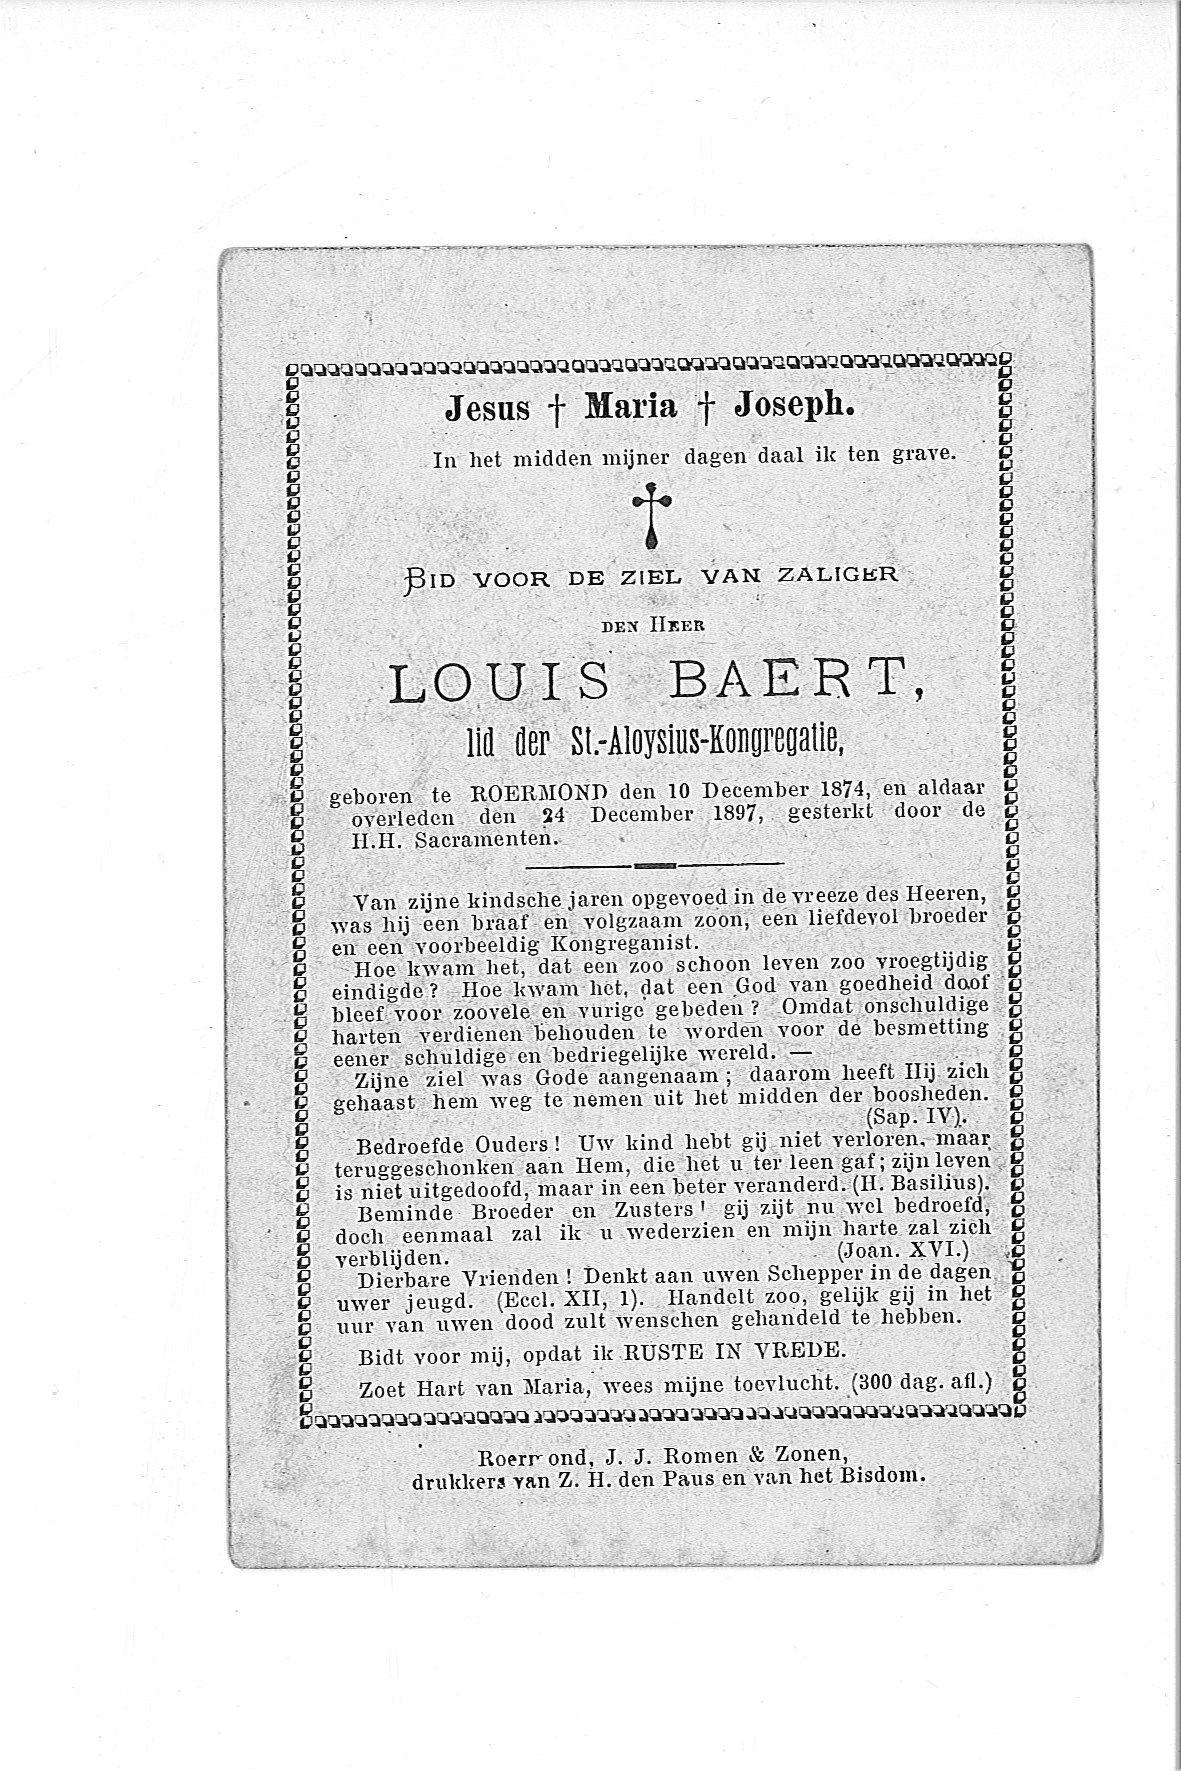 louis(1897)20090514091105_00017.jpg